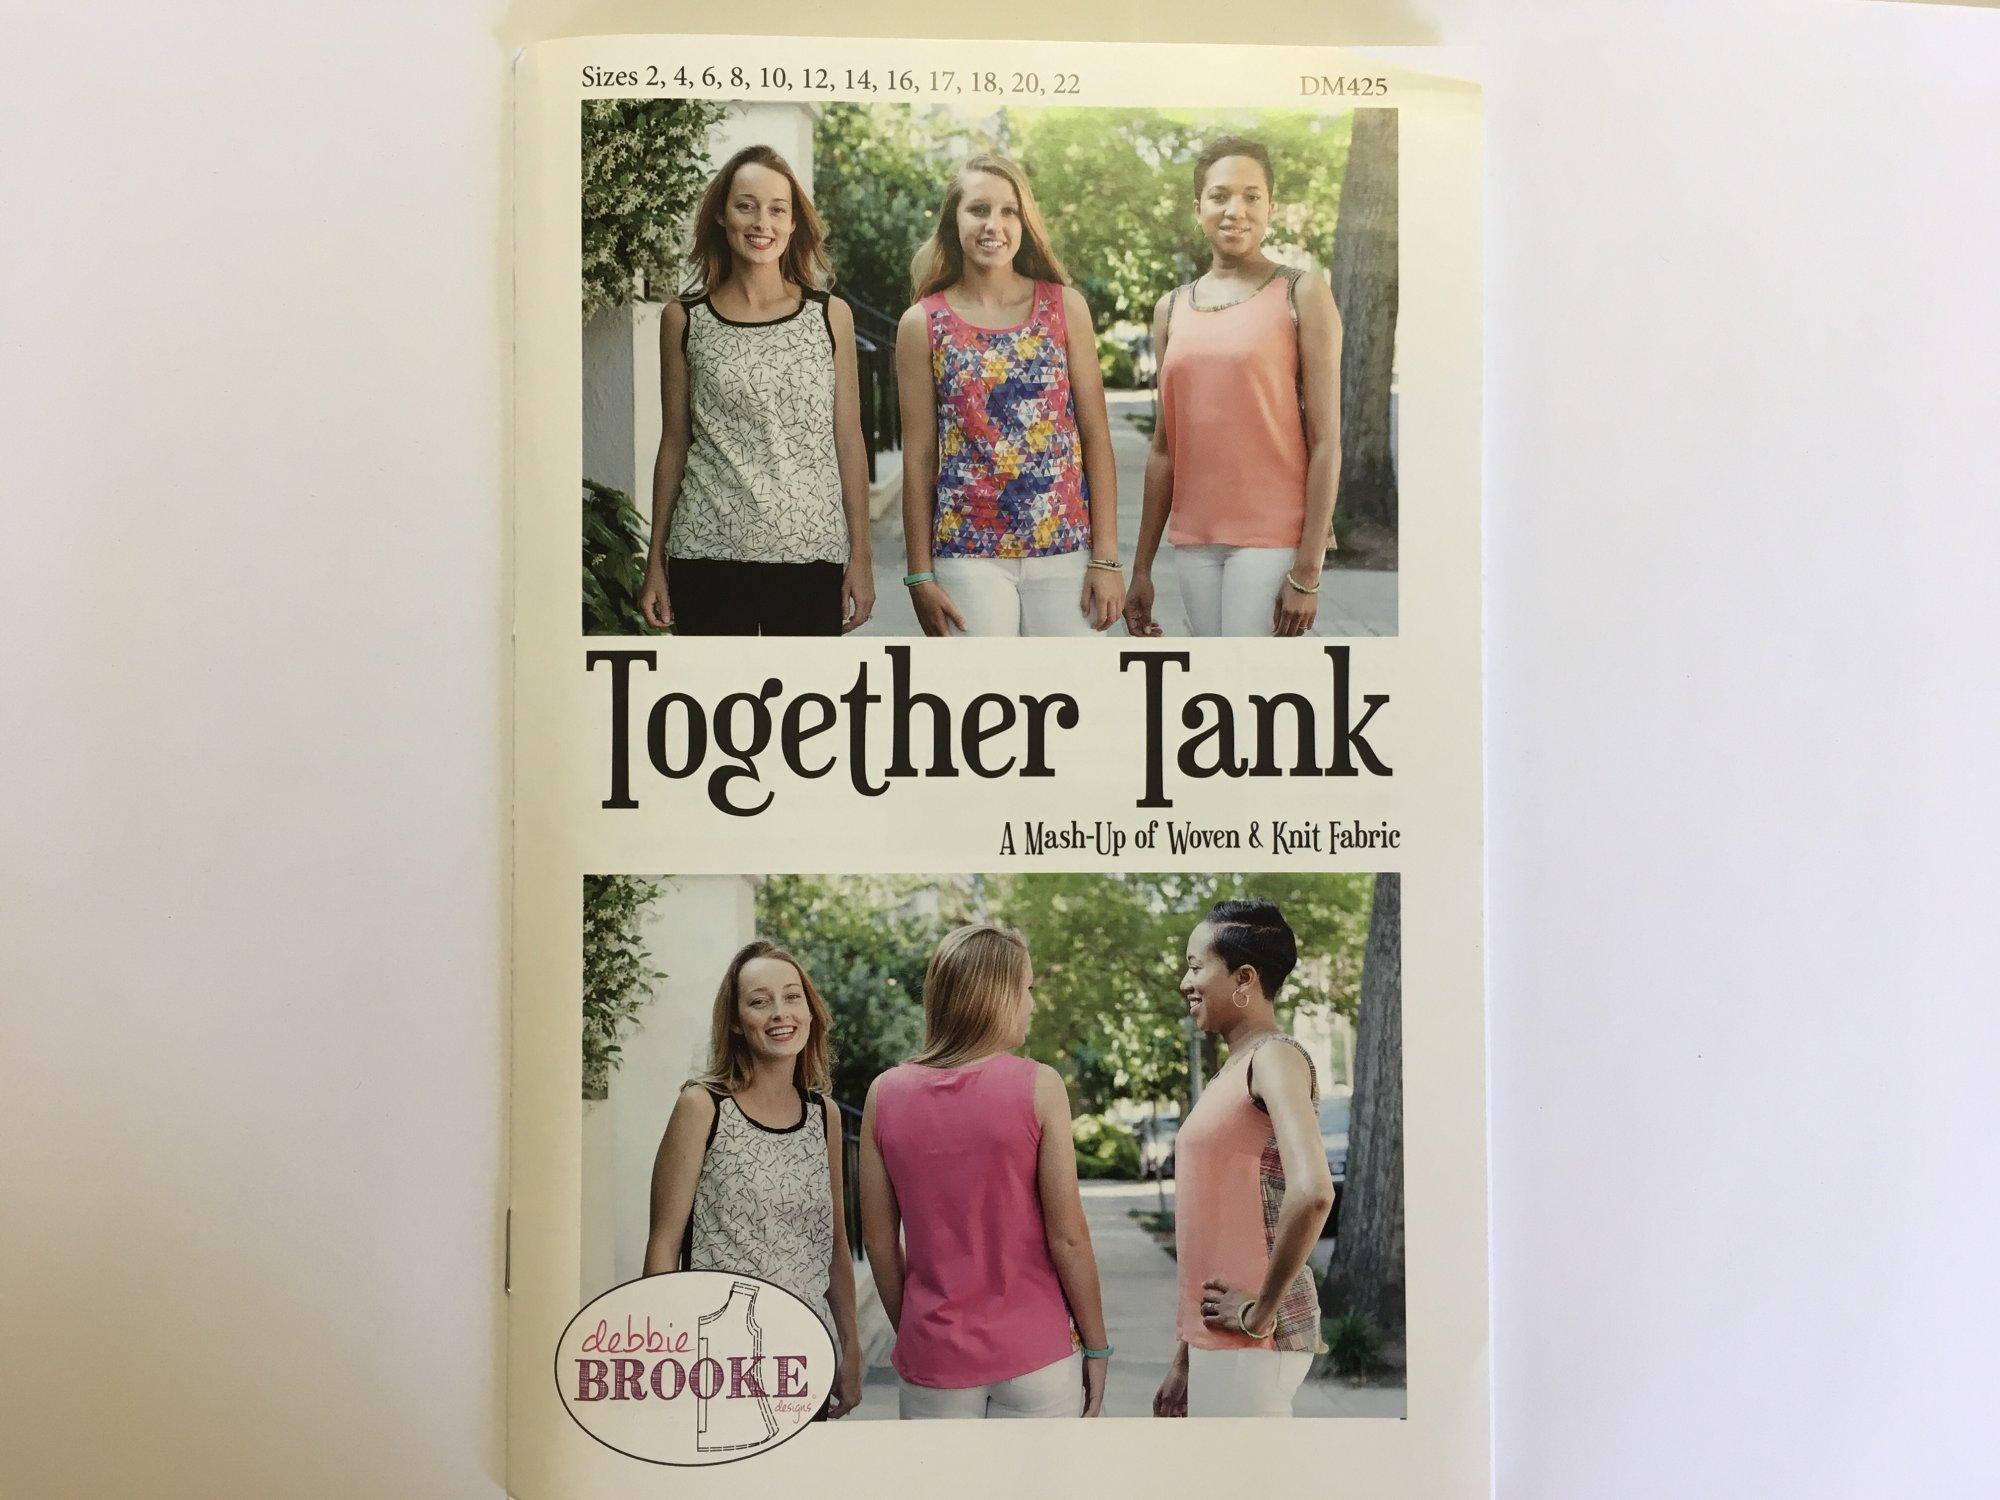 TOGETHER TANK by Debbie Brooke  DM425